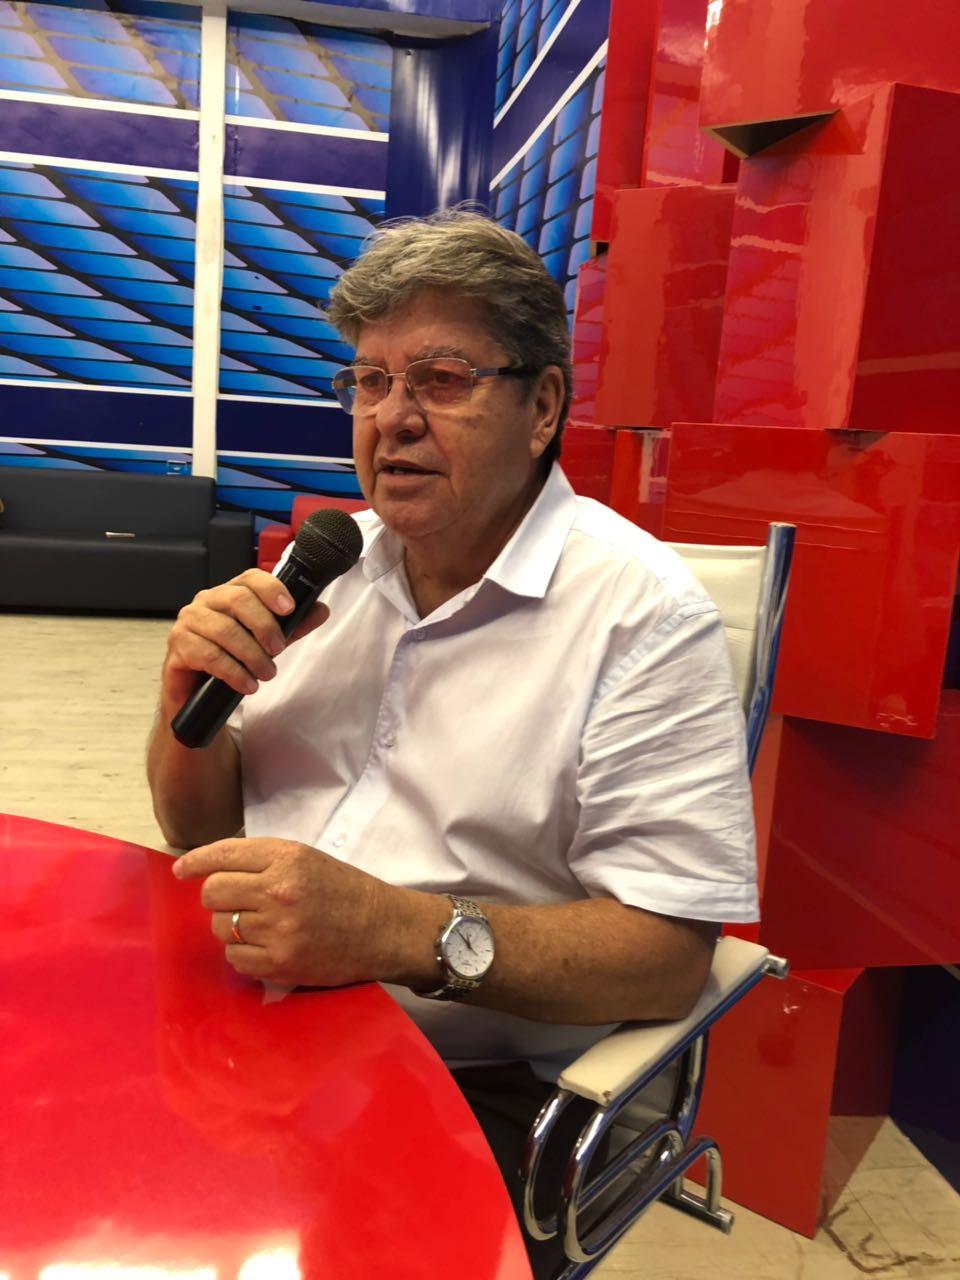 """joão azevedo entrevista alex filho - """"A oposição está chegando atrasada"""" diz João Azevêdo sobre CPI da Cruz Vermelha"""